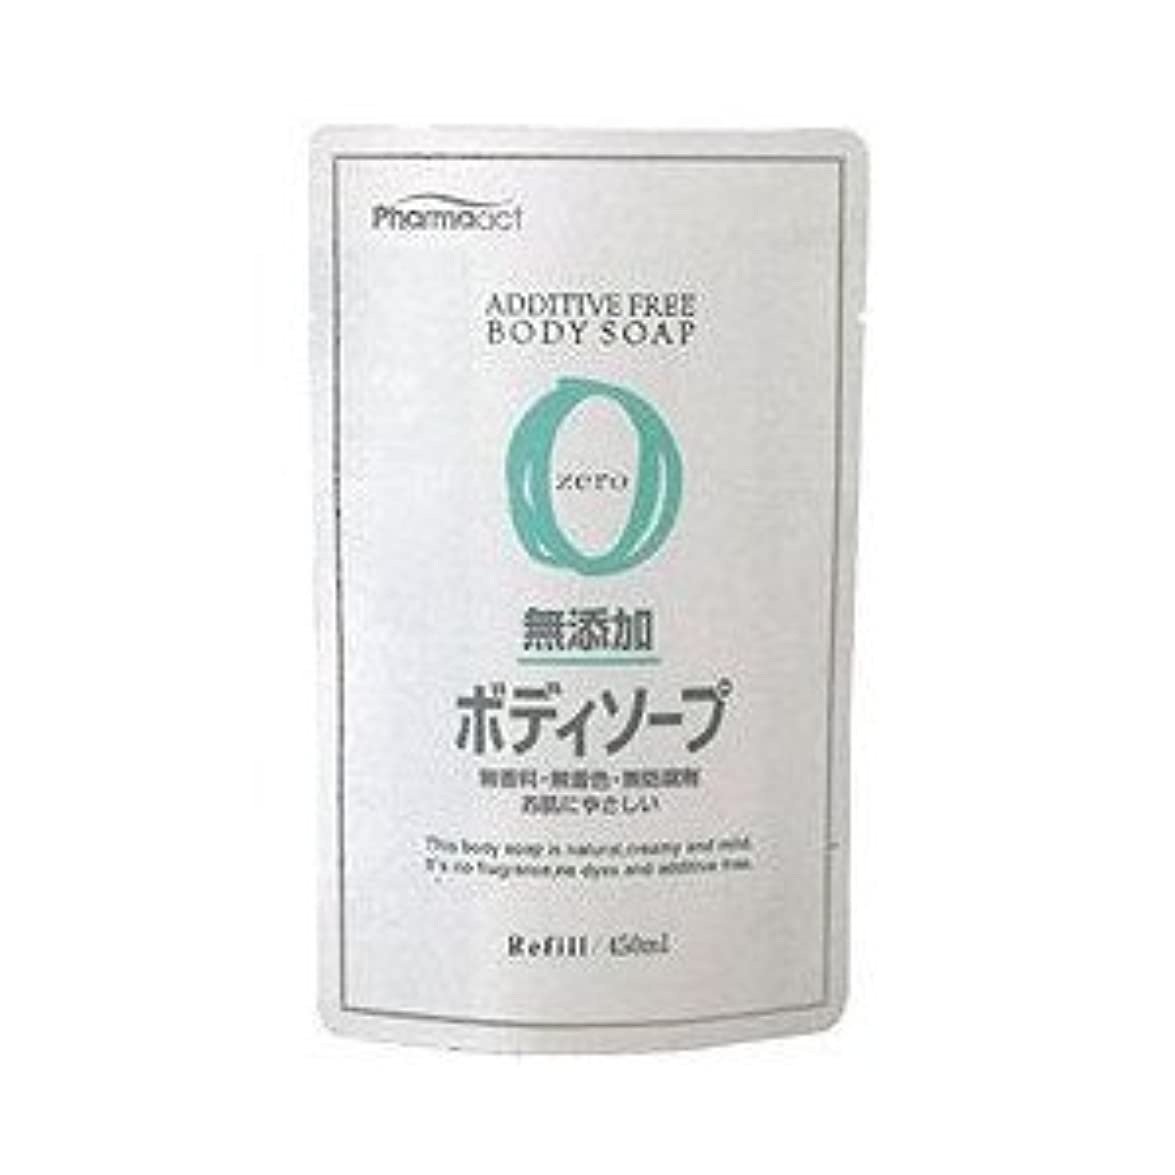 警告する情熱的考える熊野油脂 ファーマアクト 無添加ボディソープ つめかえ用 450ml×24点セット  香料?着色料?防腐剤は使用しておりません